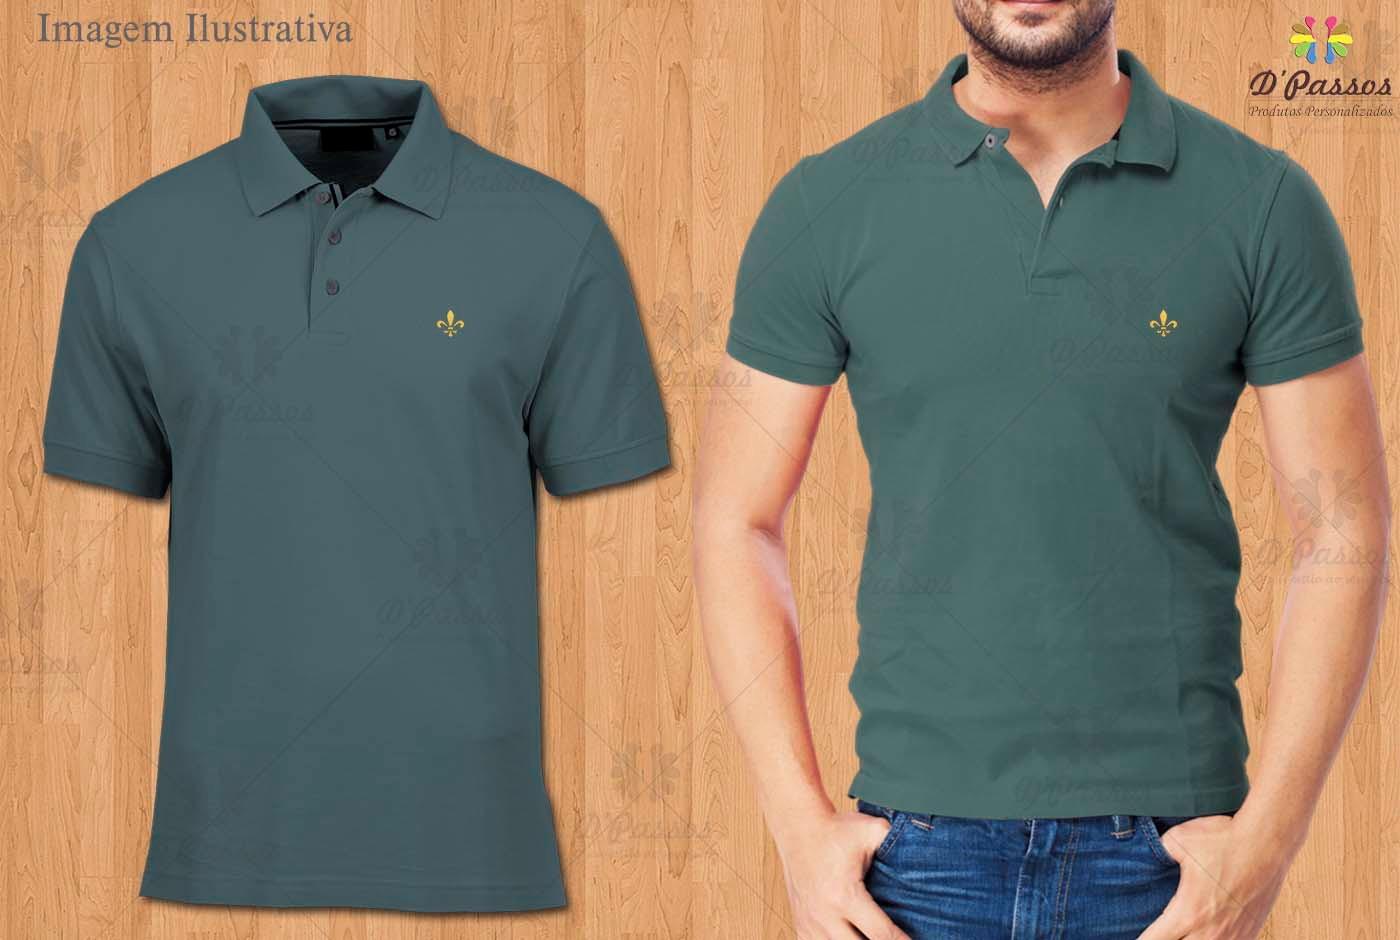 47dfd2553d Camisas de Futebol Replicas